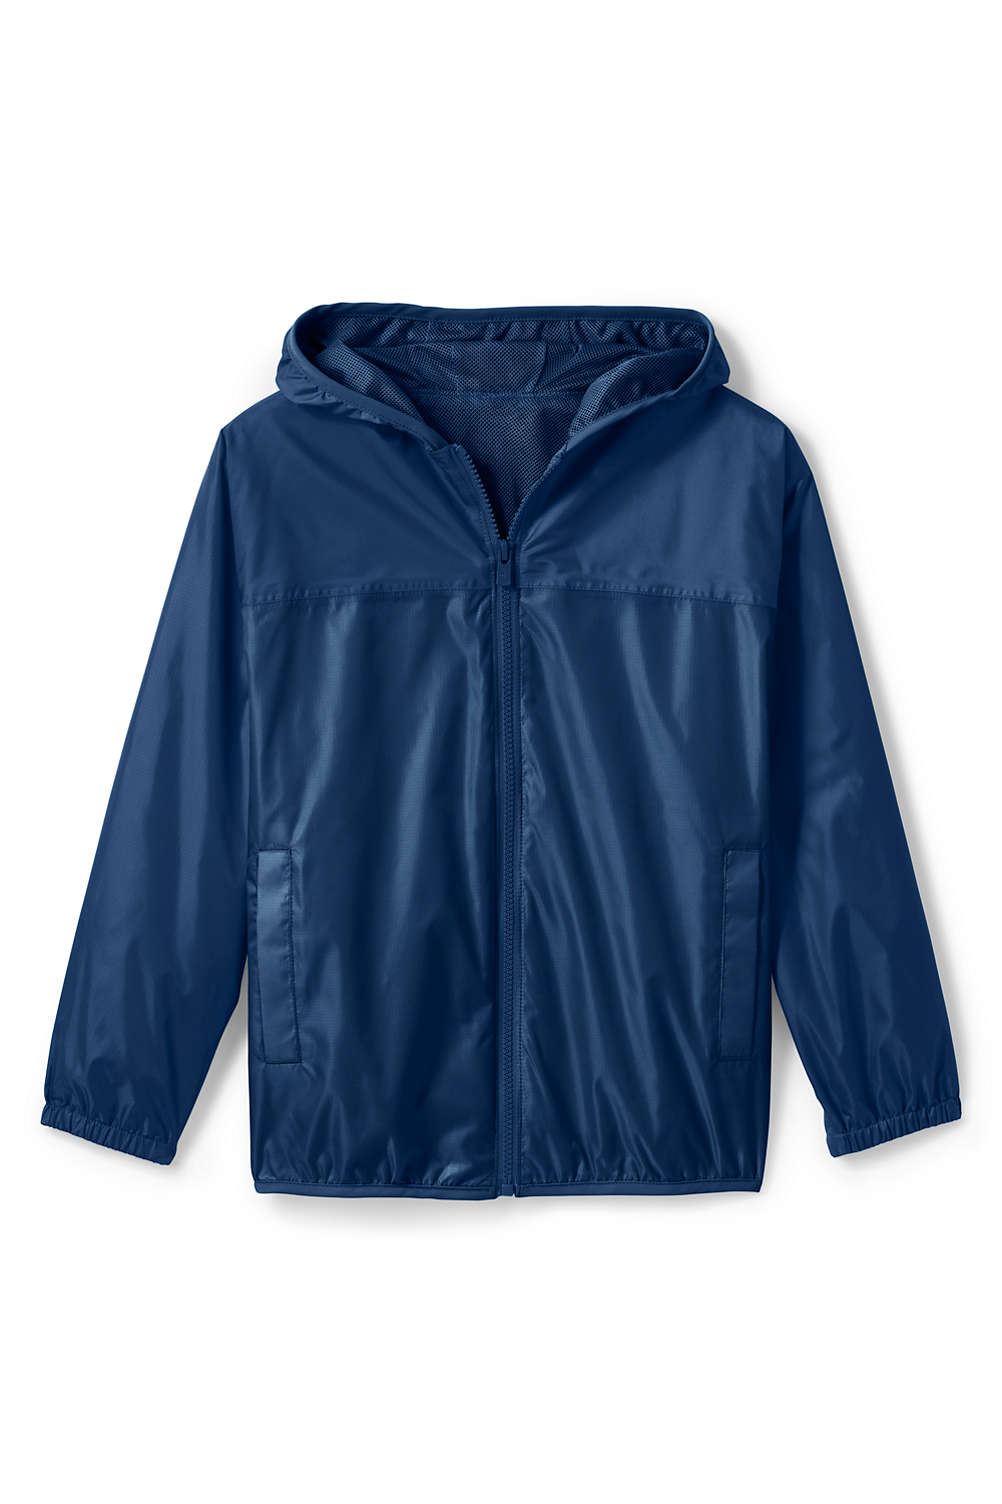 789529821 Kids Waterproof Rain Jacket from Lands' End